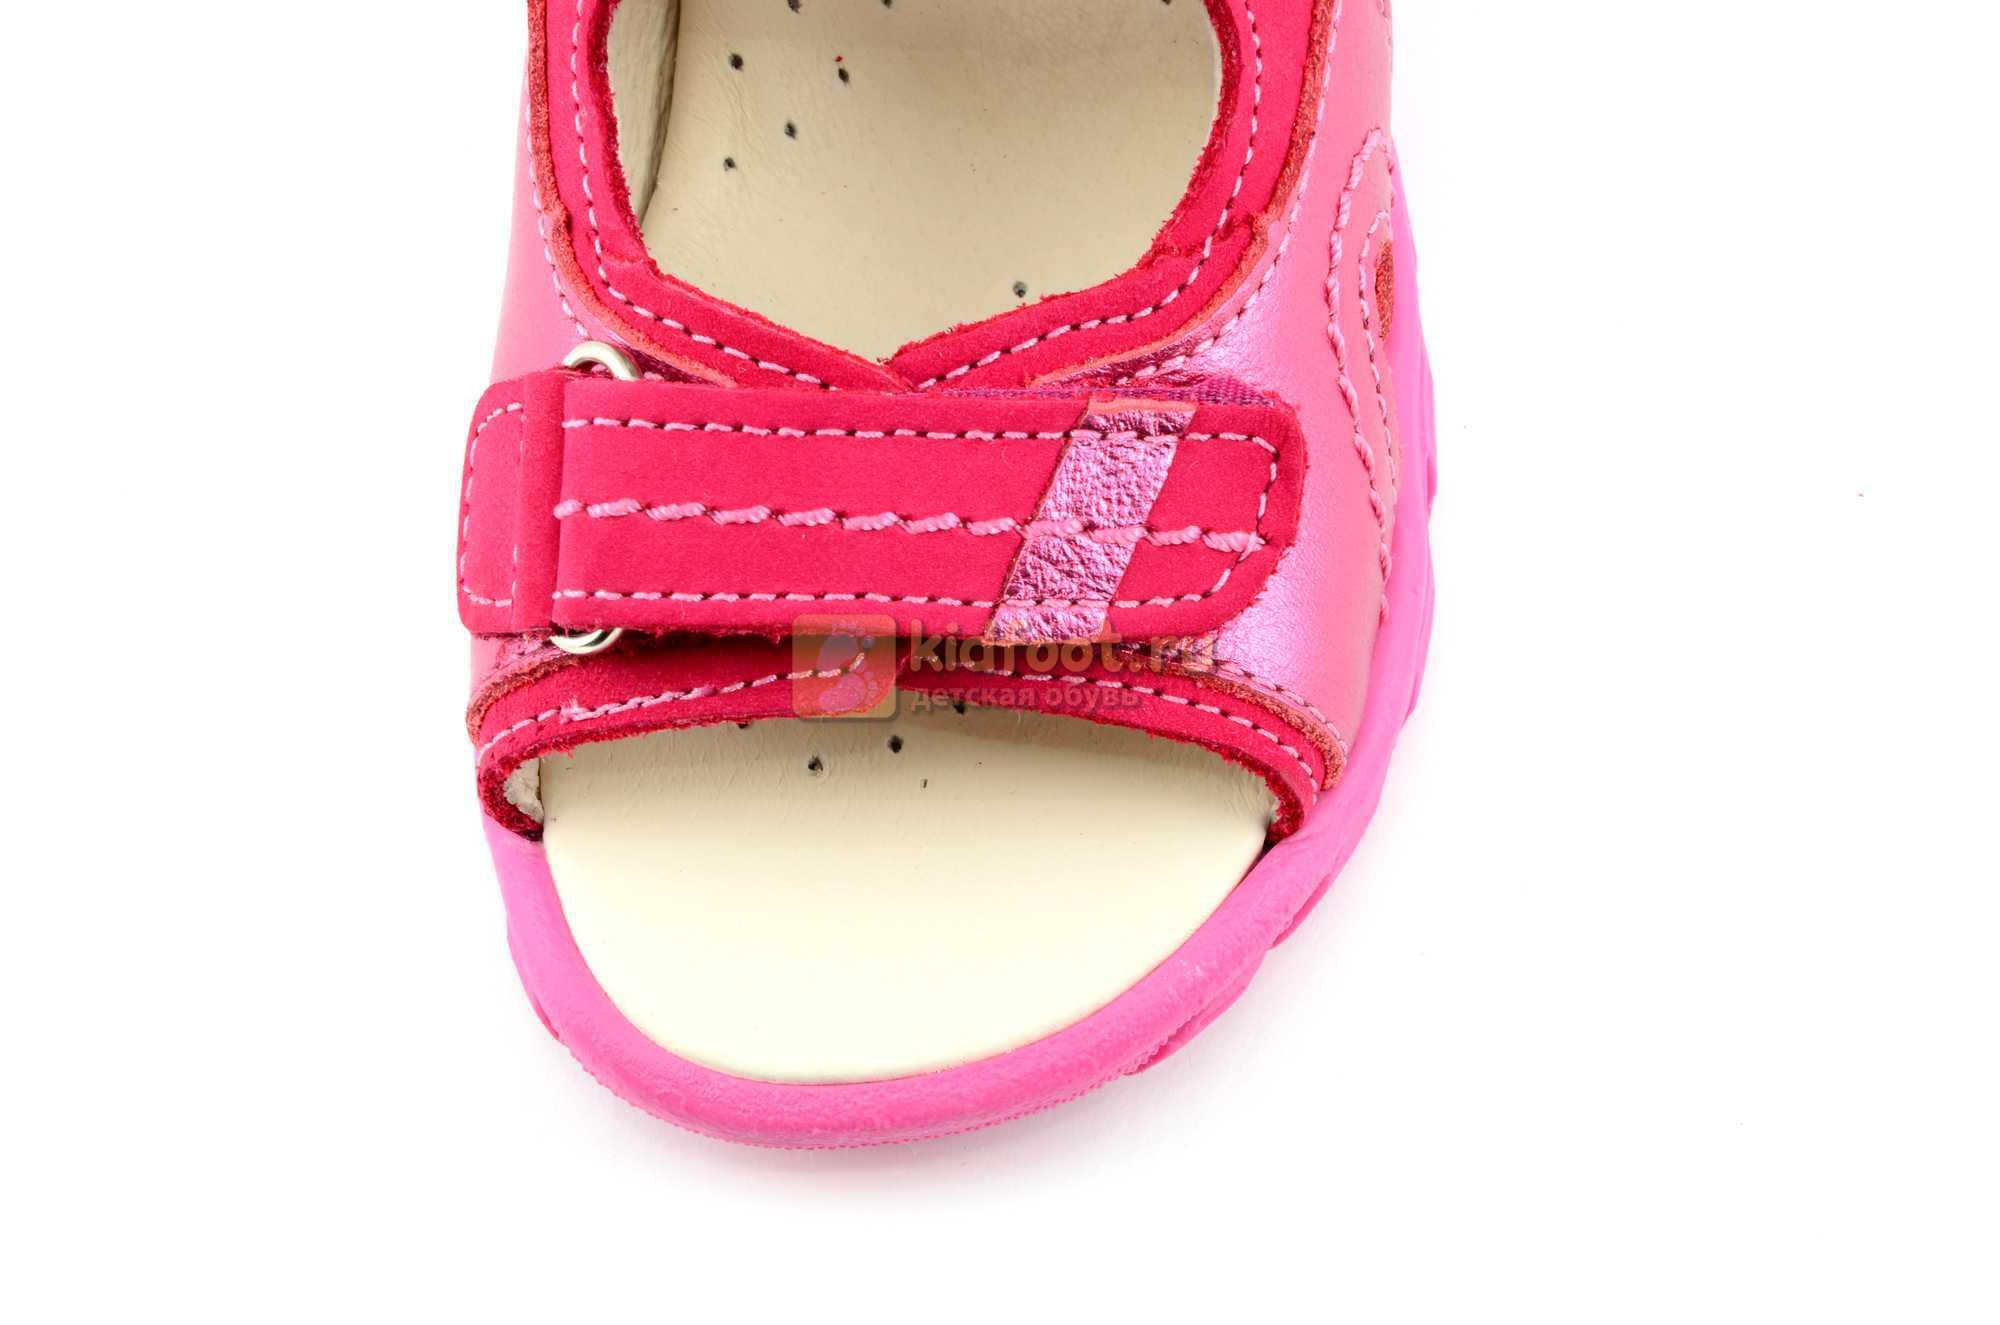 Босоножки Тотто из натуральной кожи с открытым носом для девочек, цвет фуксия металлик